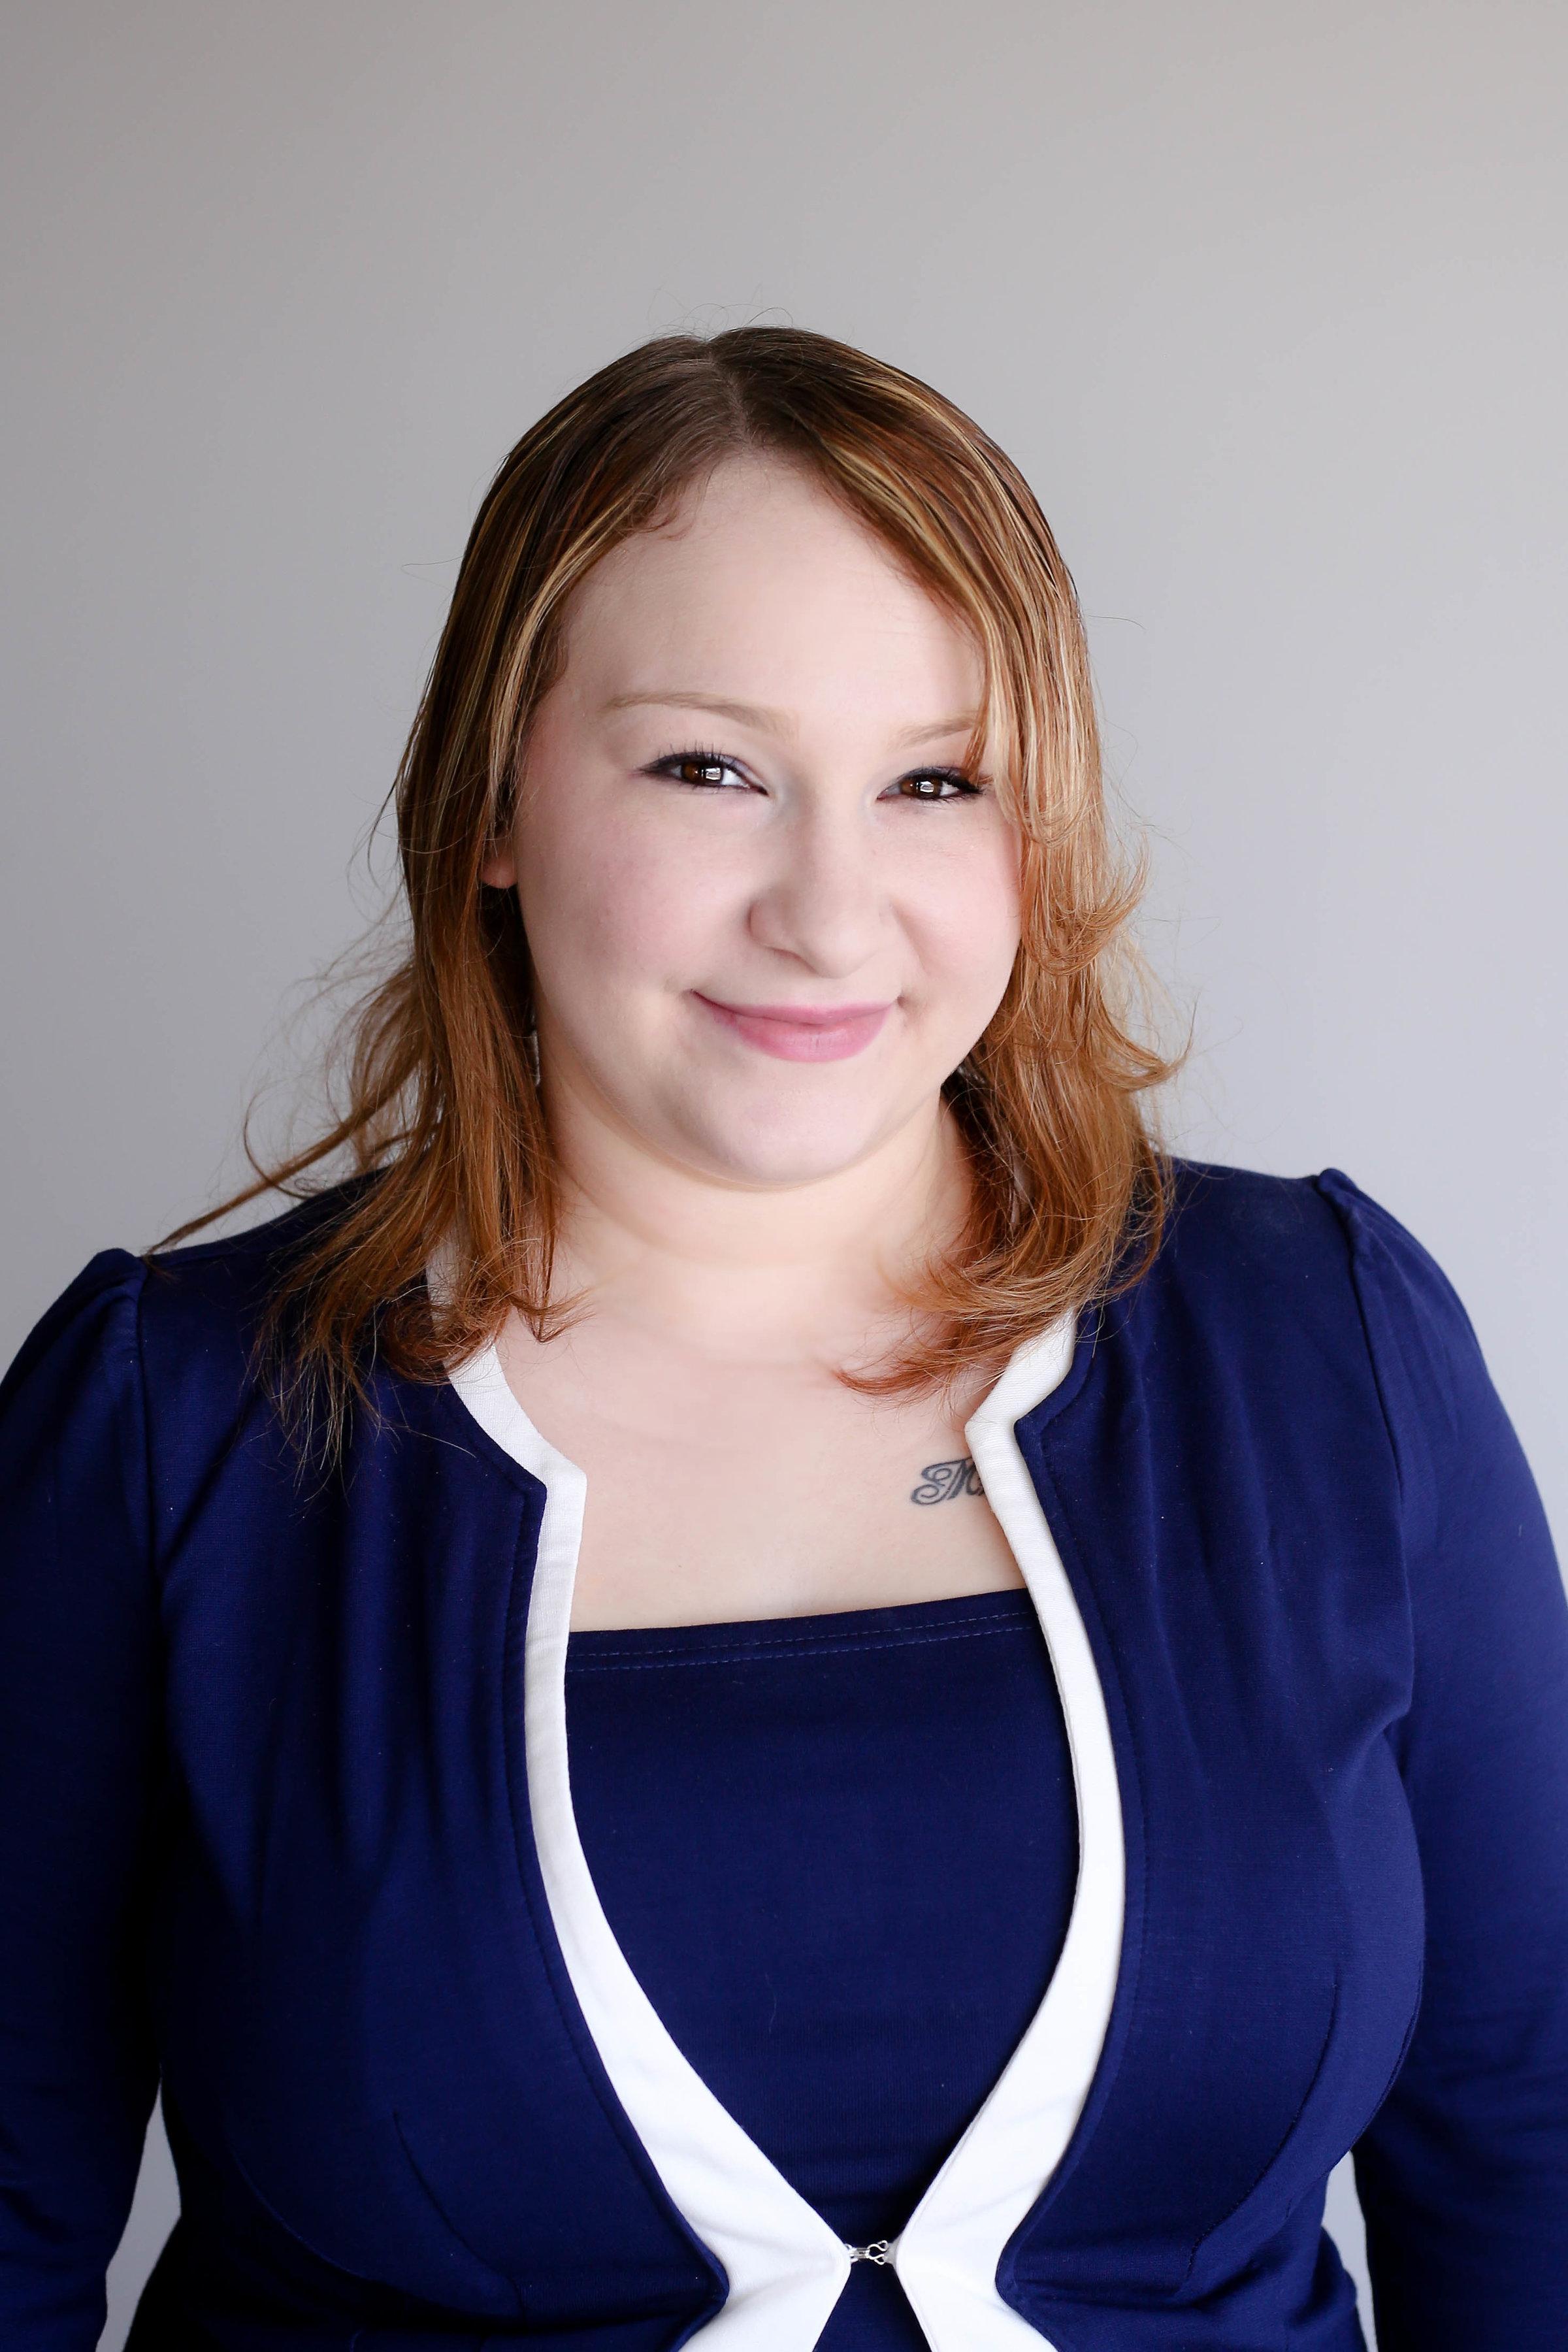 Kayla Bitter